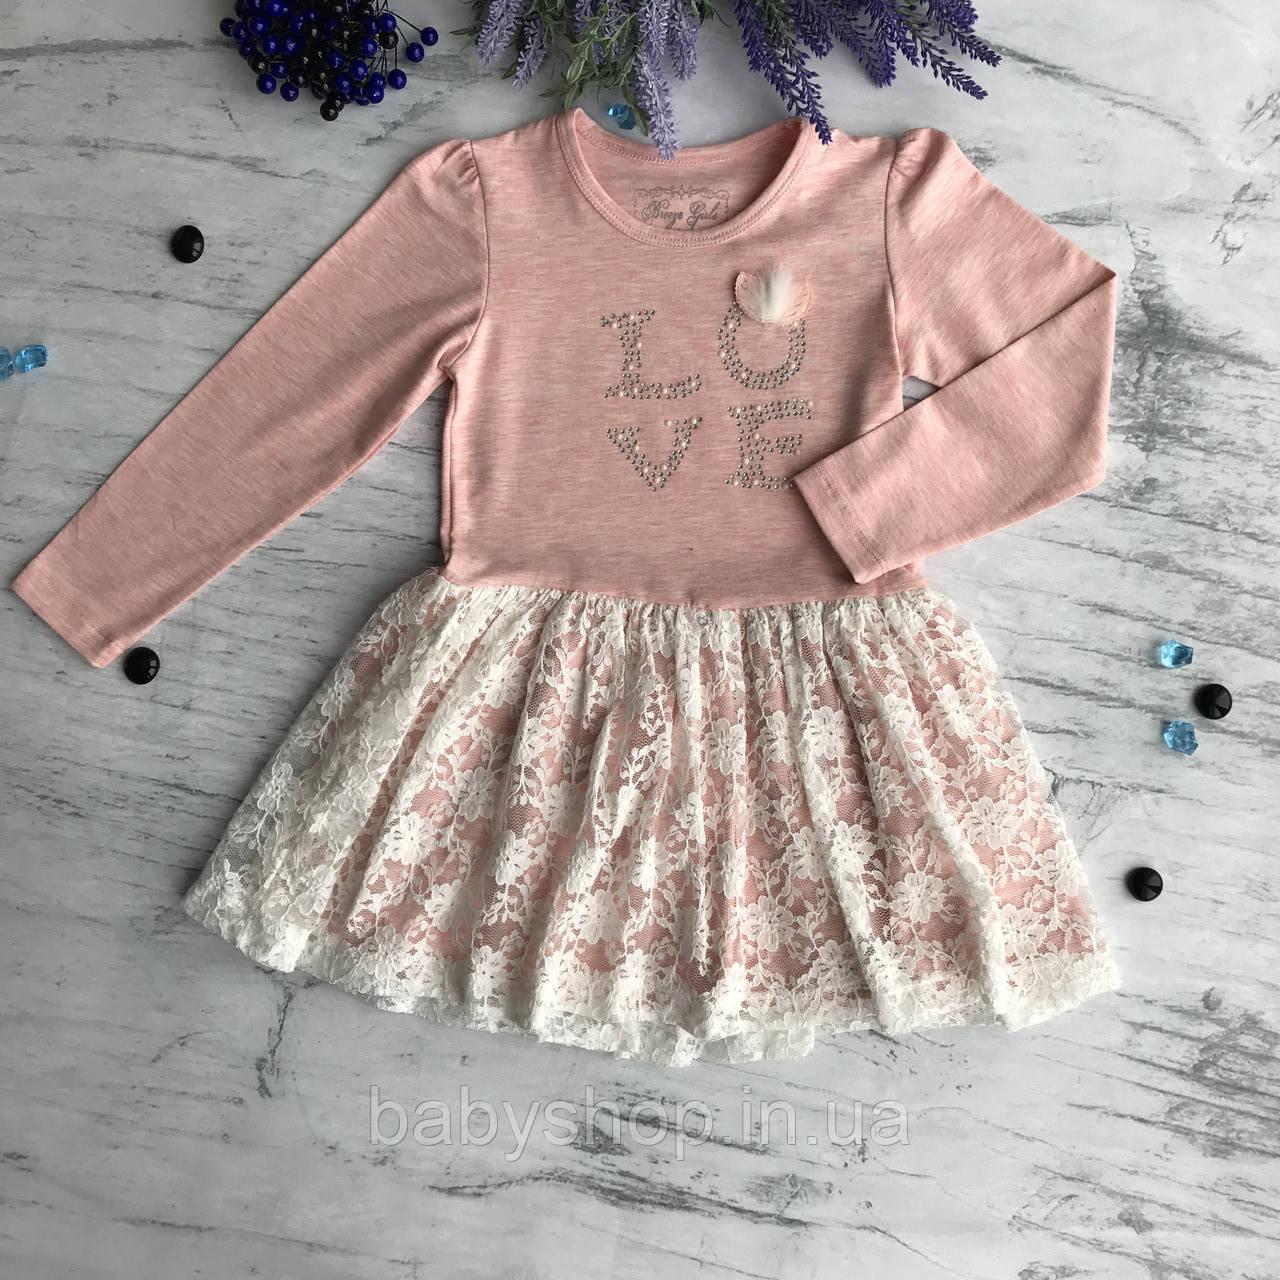 Платье на девочку Breeze 15. Размер  110 см, 116 см, 122 см